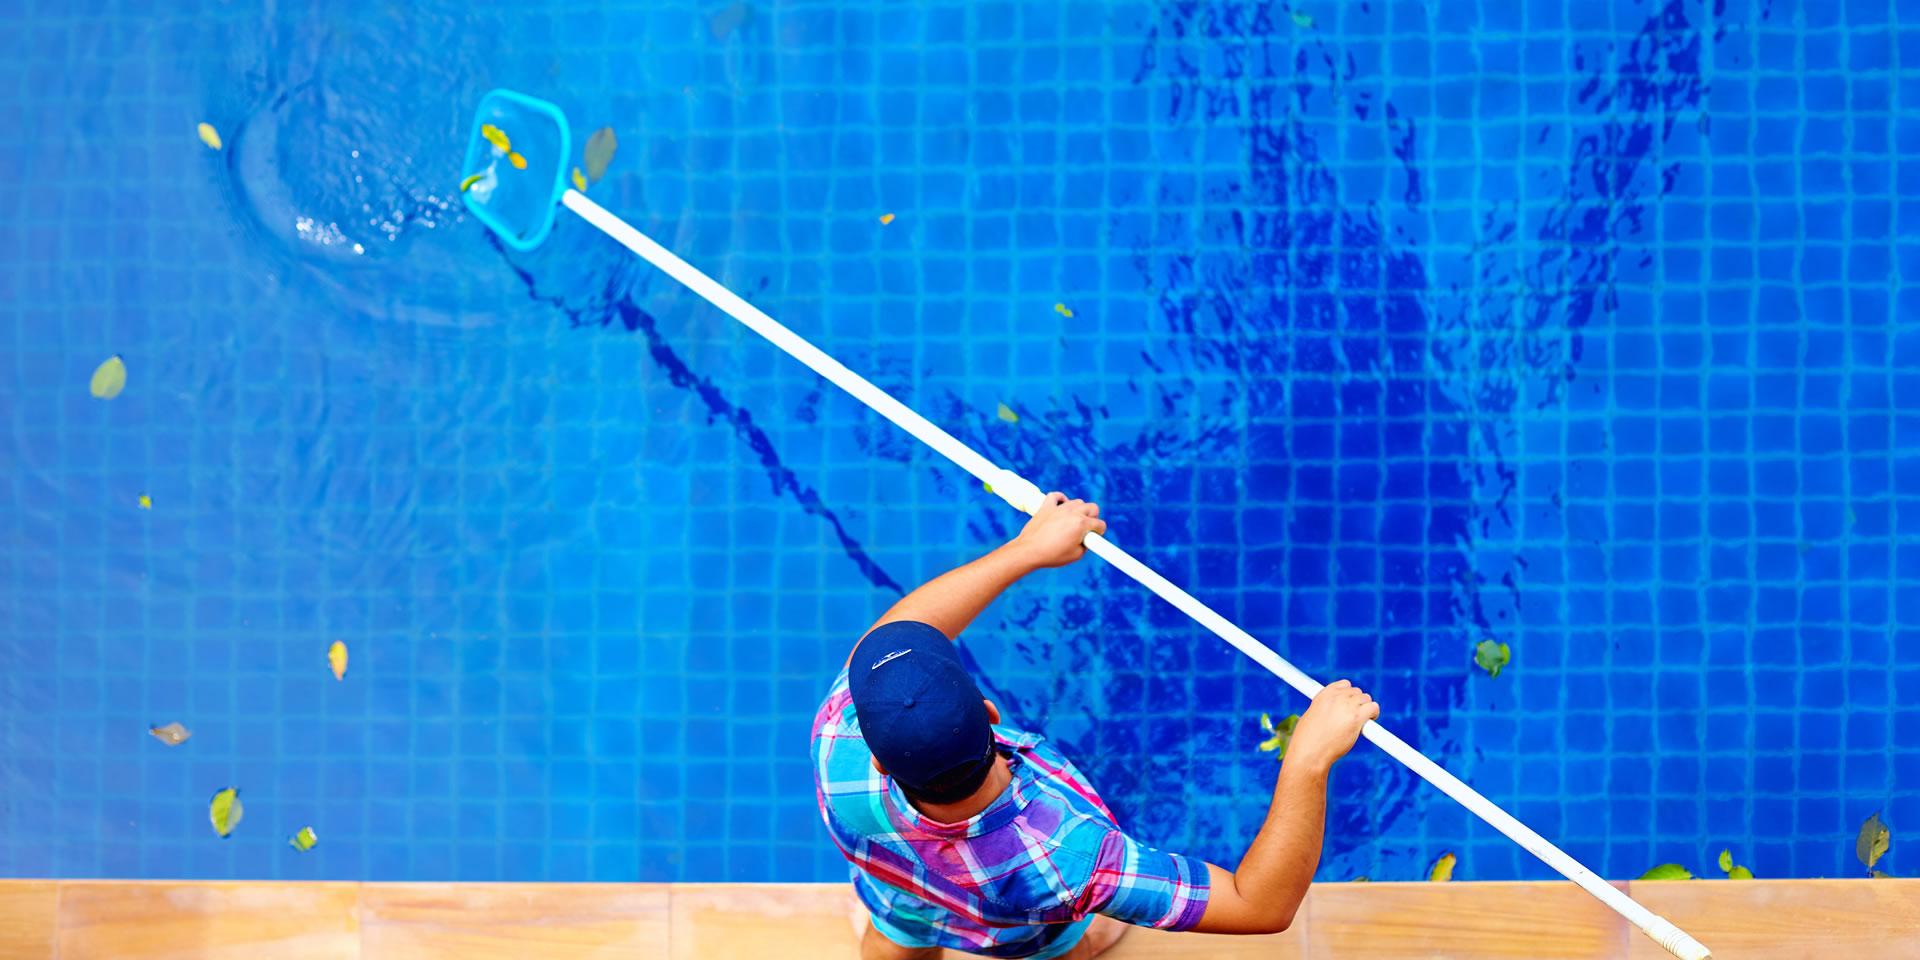 De zomer komt eraan Is jouw zwembad webshop er al klaar voor